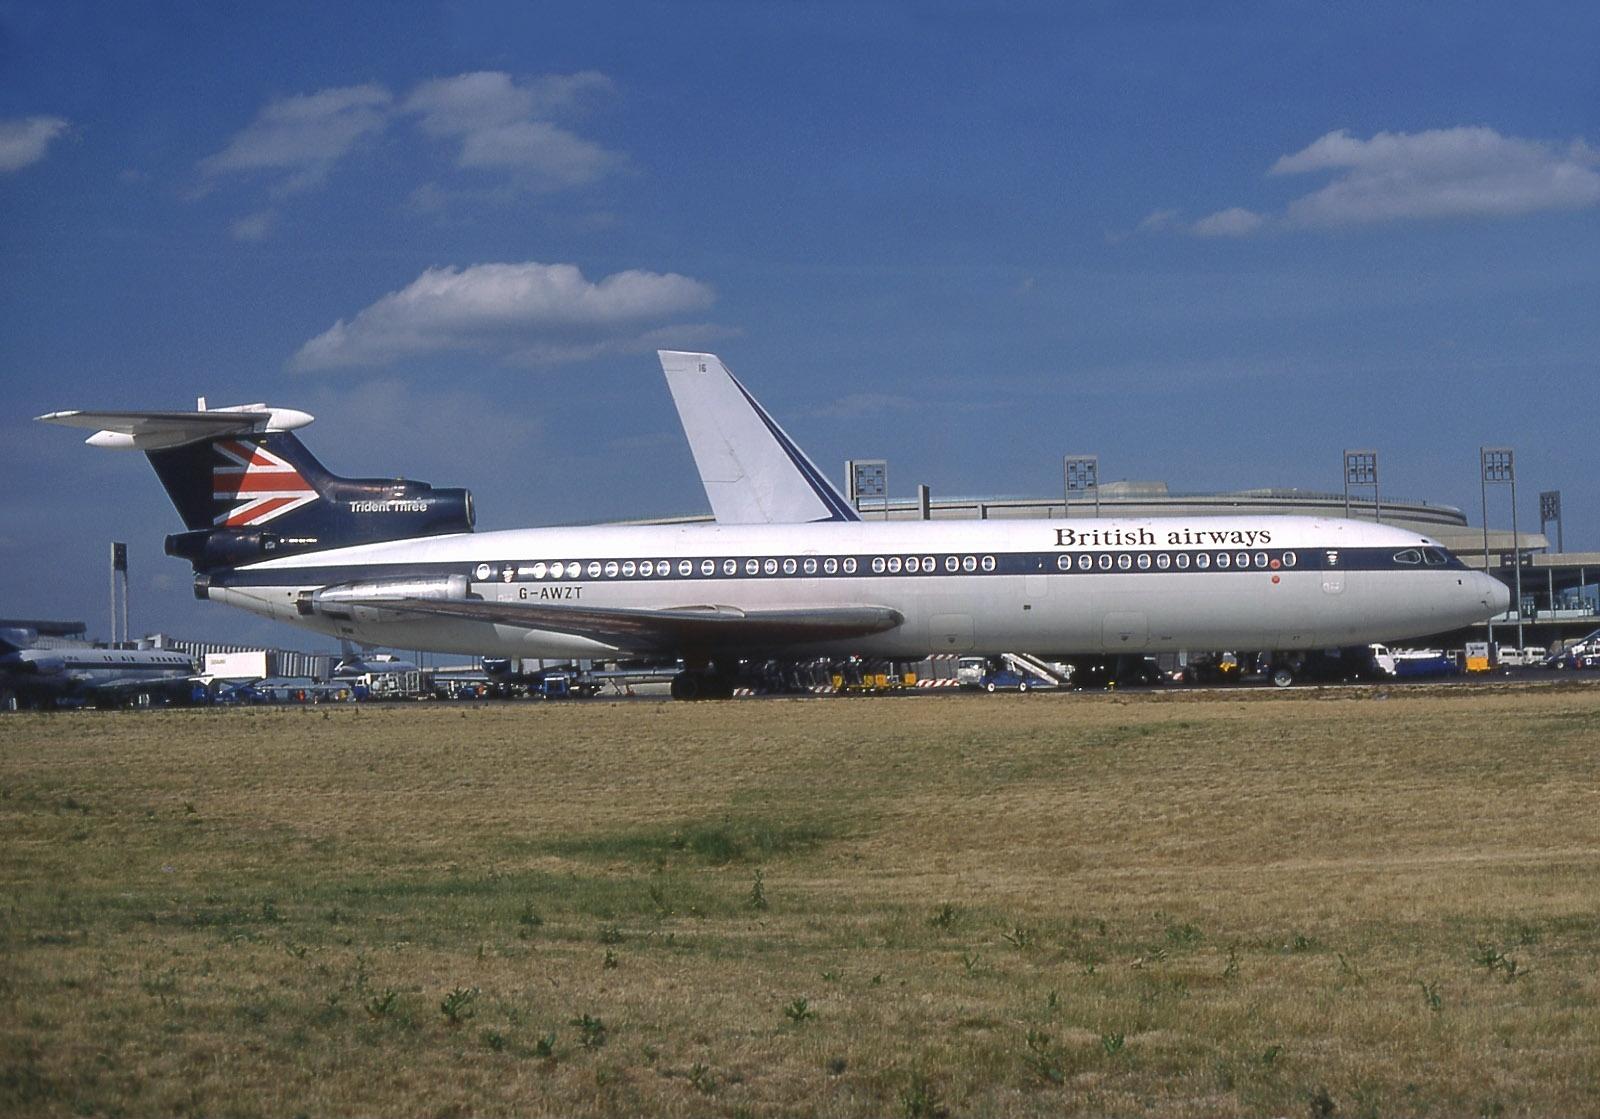 1976 Zagreb mid-air collision - Wikipedia